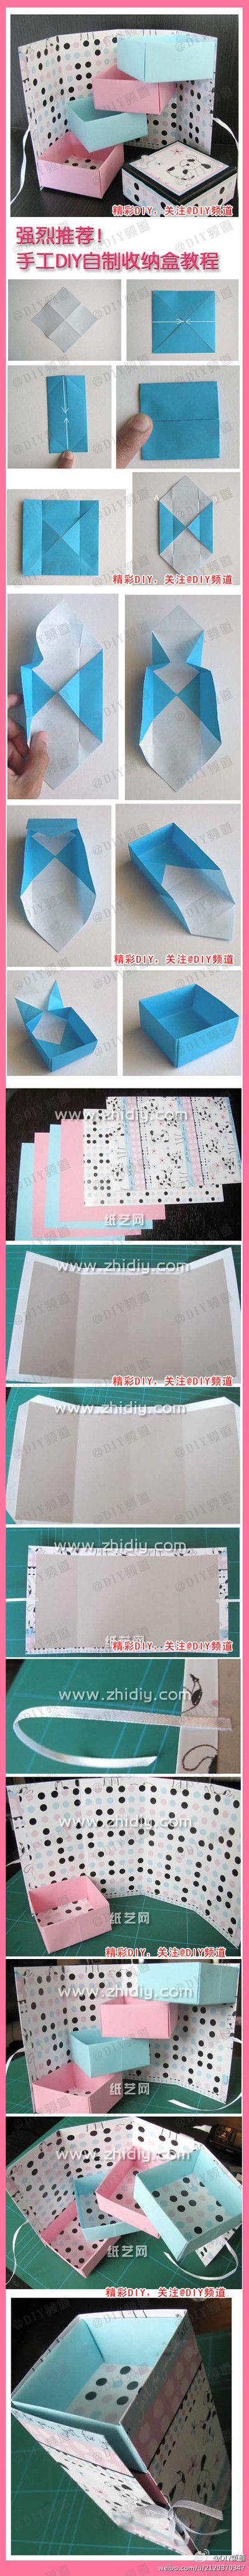 【手工DIY自制收纳盒教程】自己亲手制作一个收纳盒,可以说是折纸盒子的高级境界了~~~ - 堆糖 发现生活_收集美好_分享图片